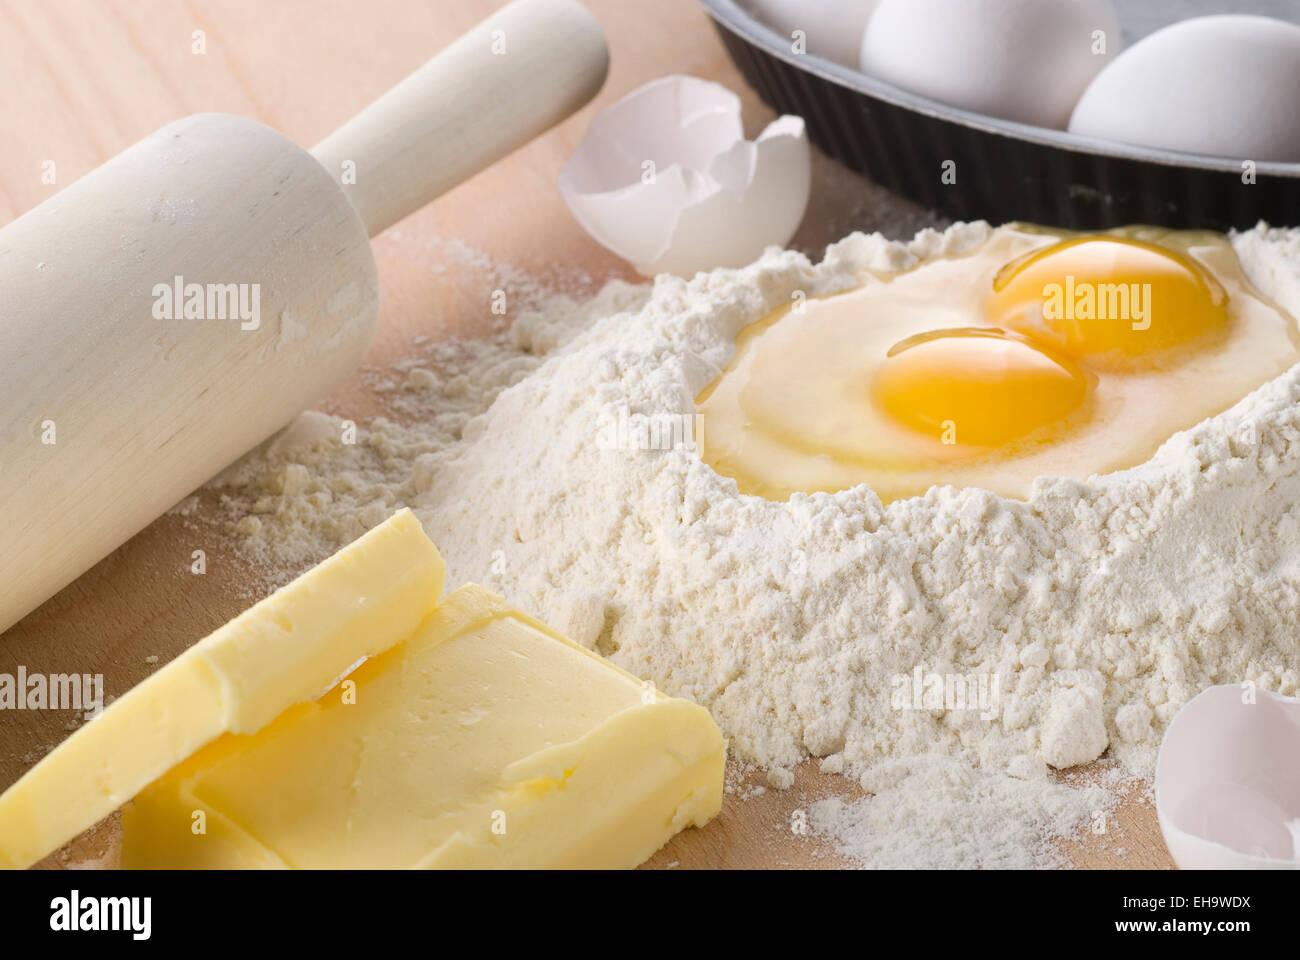 Ingrédients de cuisson. La farine, l'œuf et le beurre. Photo Stock